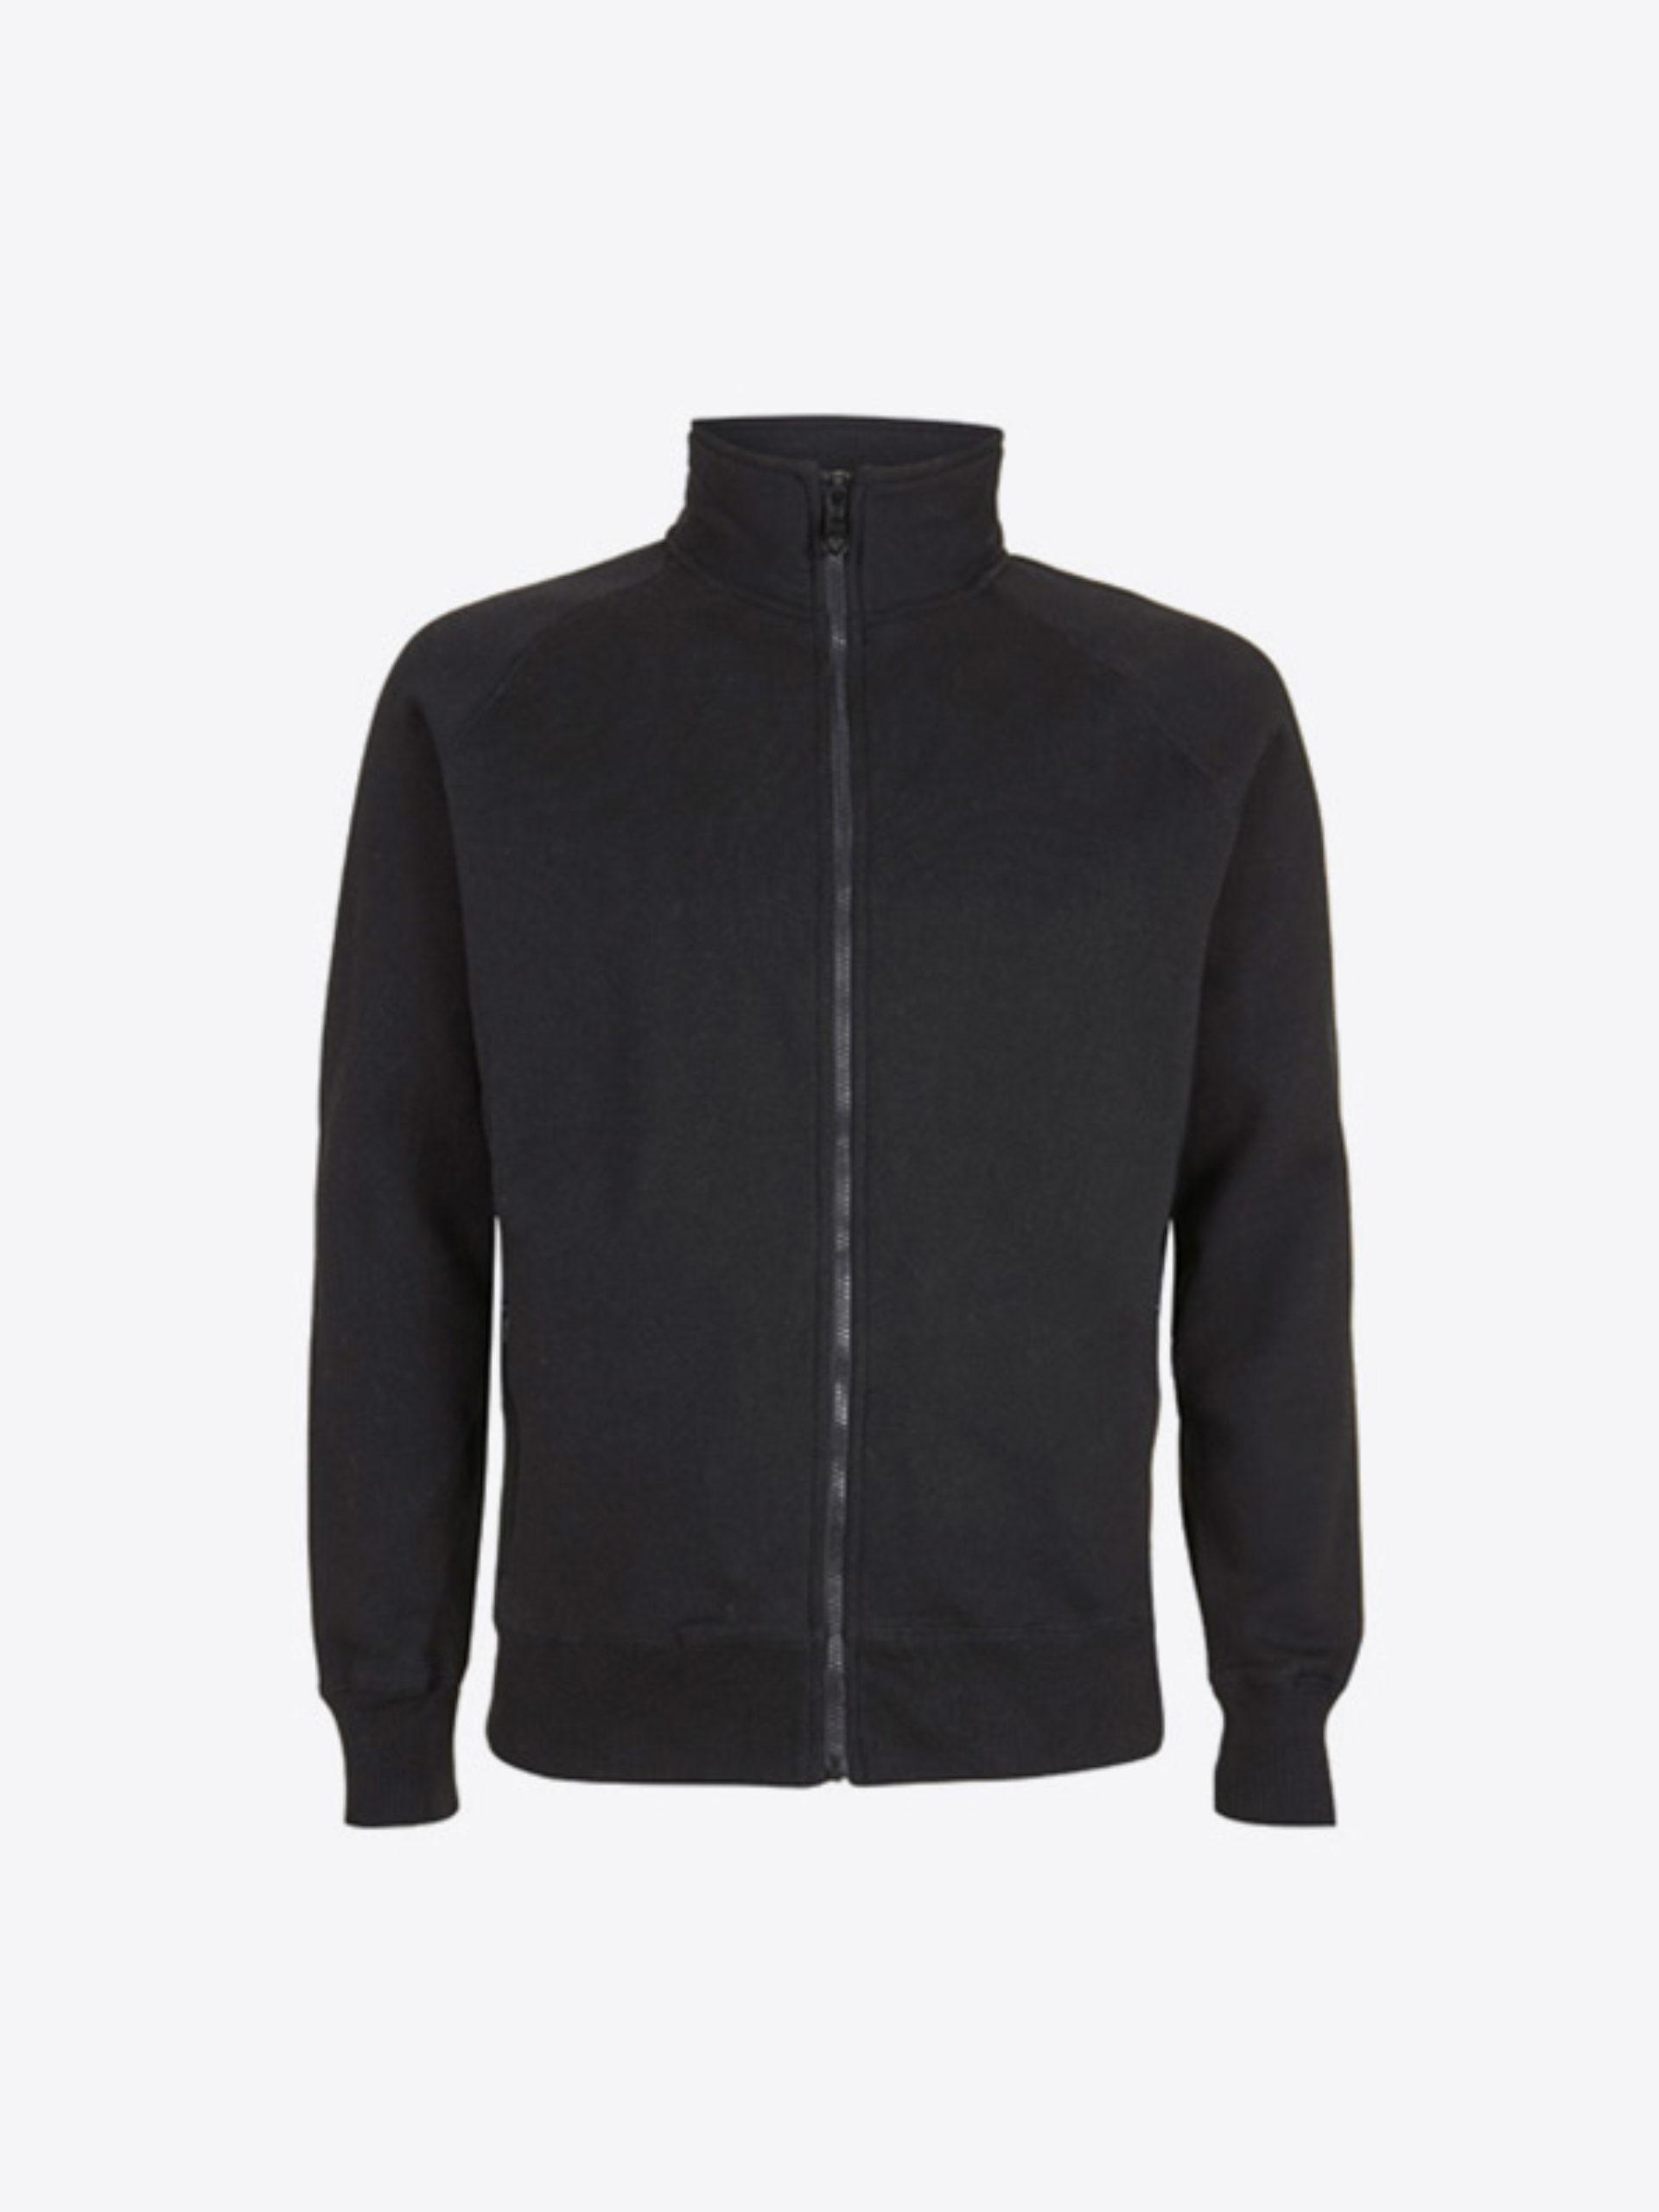 Herren Sweatshirt Zip Hoodie Bedrucken Mit Rundhals Continental N56 Black